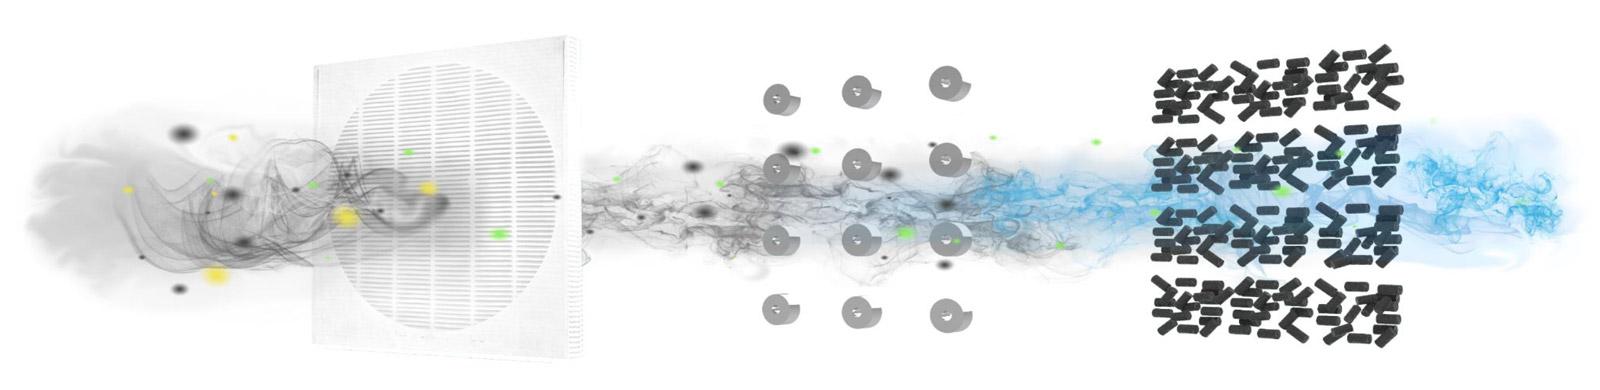 Il filtro HeMaCa con 3 strati di filtraggio